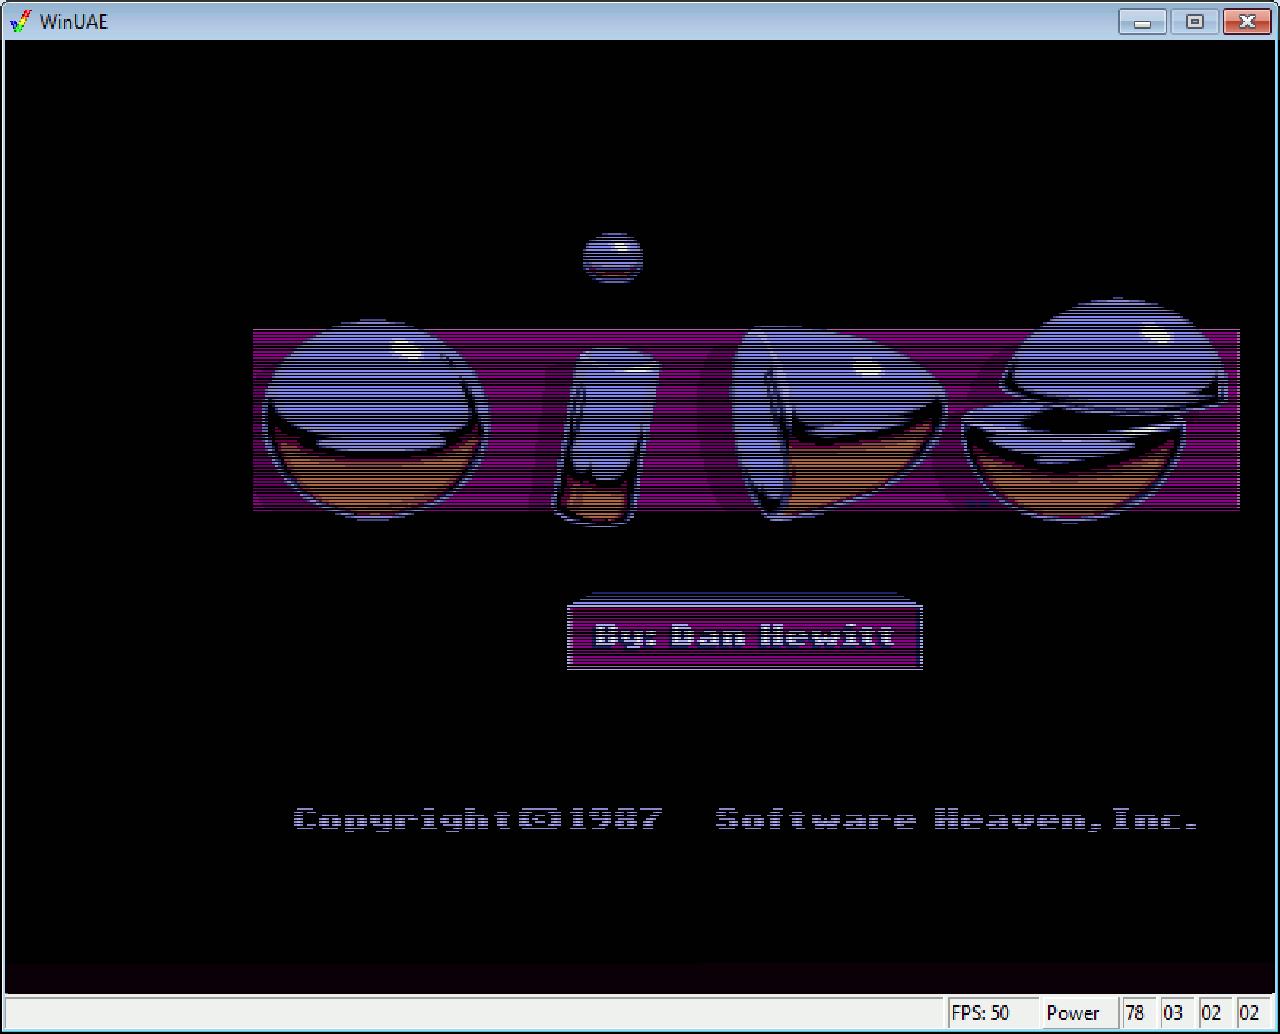 Lange hat es gedauert. 27 lange Jahre! Oids auf dem Amiga; endlich! Hier zu sehen auf dem WinUAE-Emulator. Ich wollte es allein schon deshalb unbedingt haben, weil es von FTL war; den genialen Schöpfern von Dungeon Master (ebenfalls aus 1987) und dem Nachfolger Chaos Strikes Back. (Bild: Ferdinand Müller)